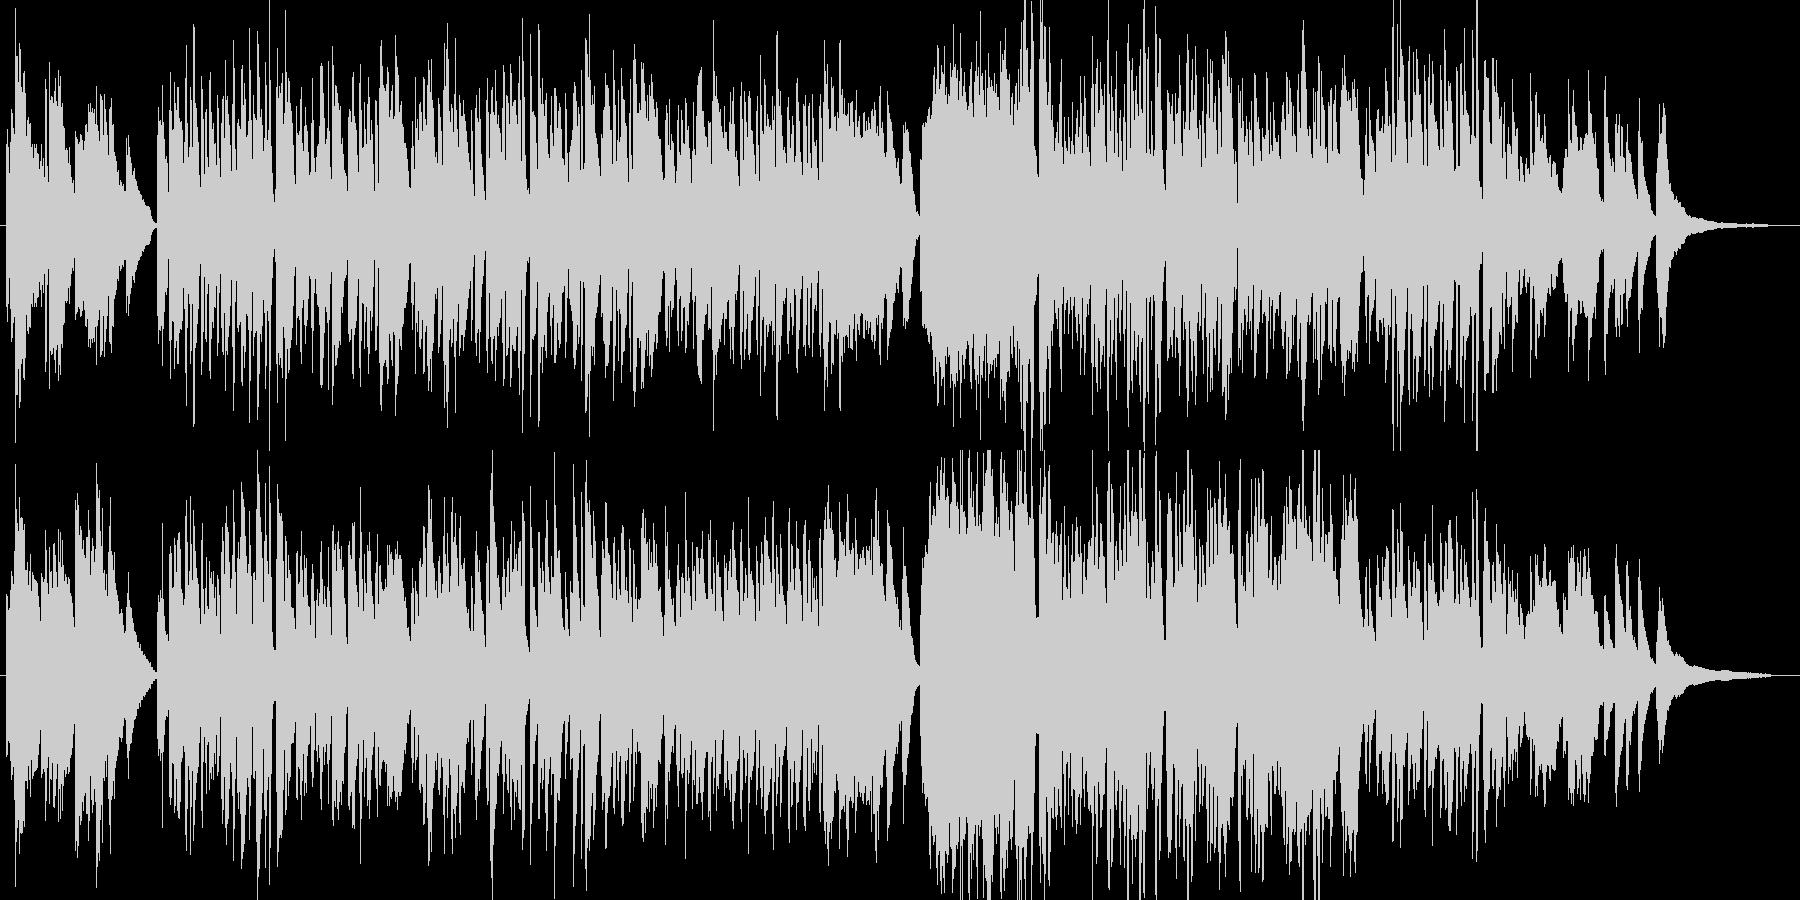 オシャレで上品な和風クラシック・伴奏版の未再生の波形